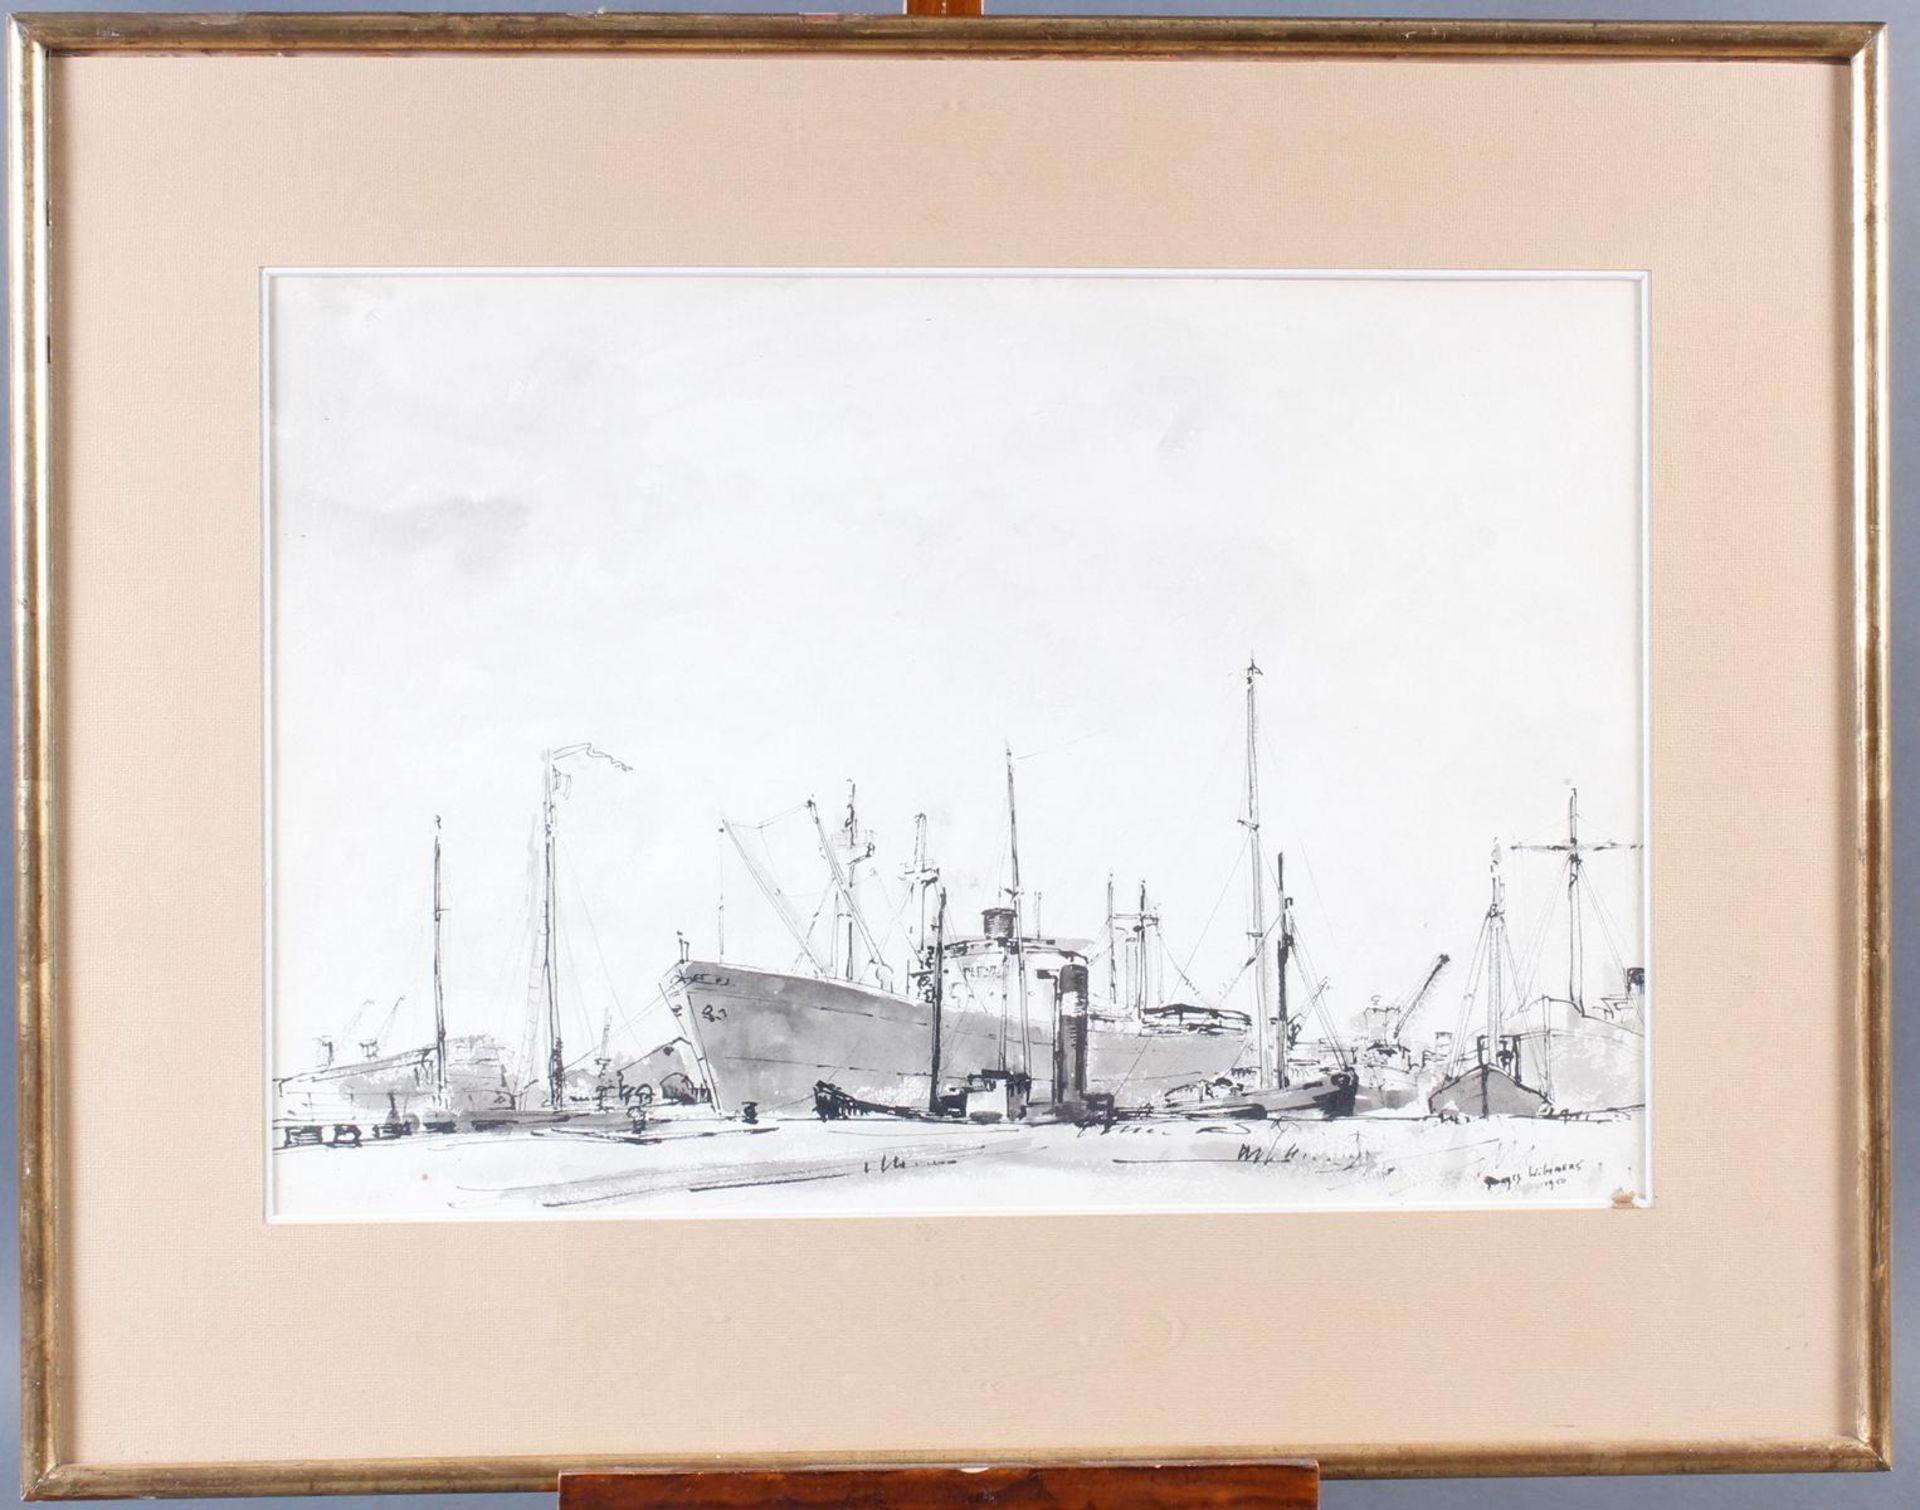 Aquarell, Hafenansicht mit Schiffen, Wilmmers 1950